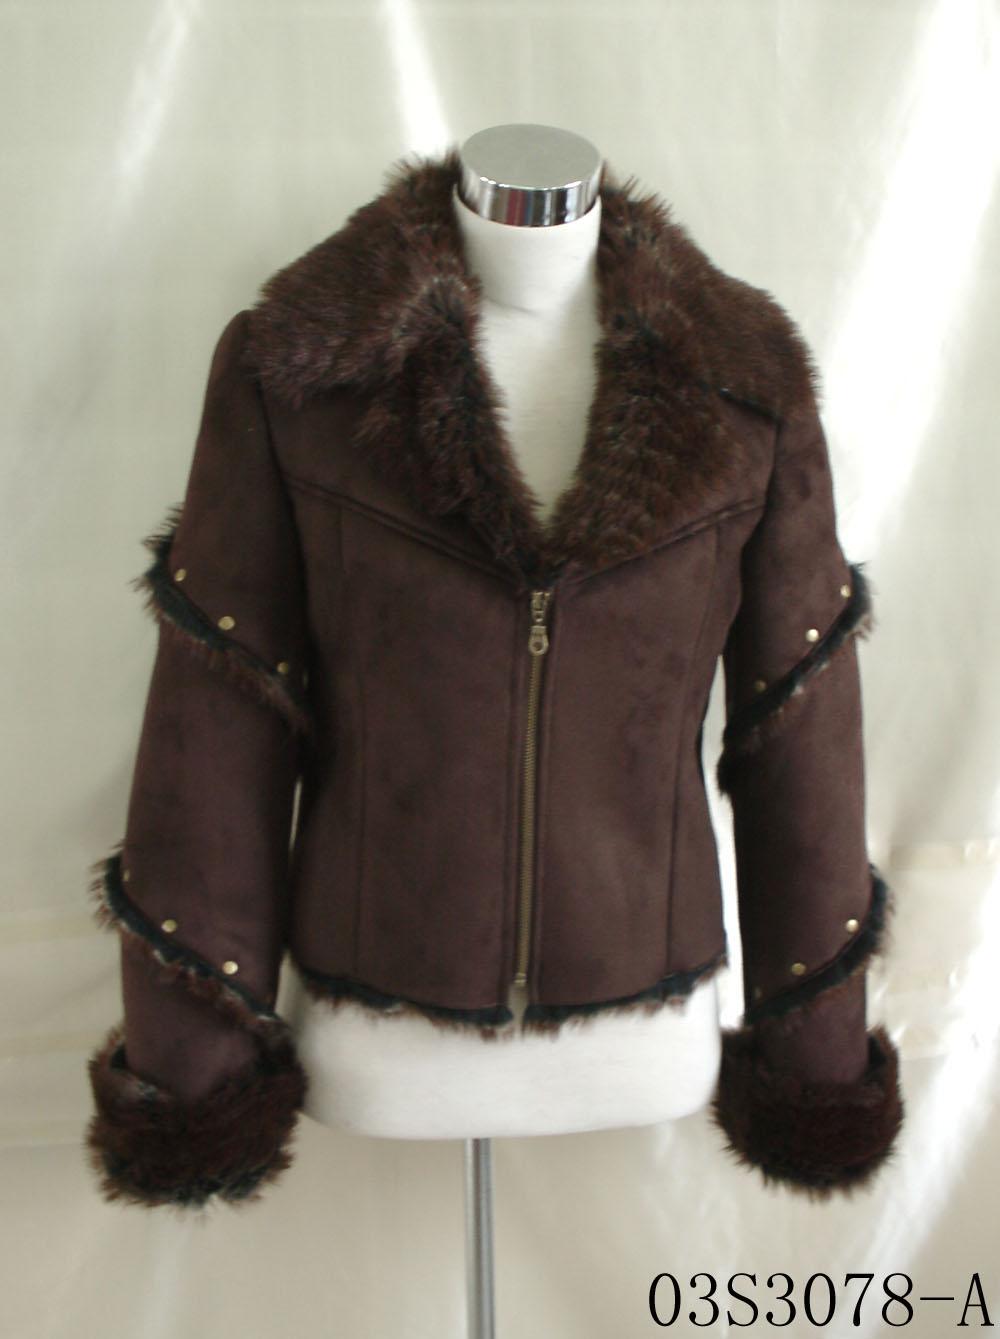 Ladies Suede Bond With Fake Fur Jacket